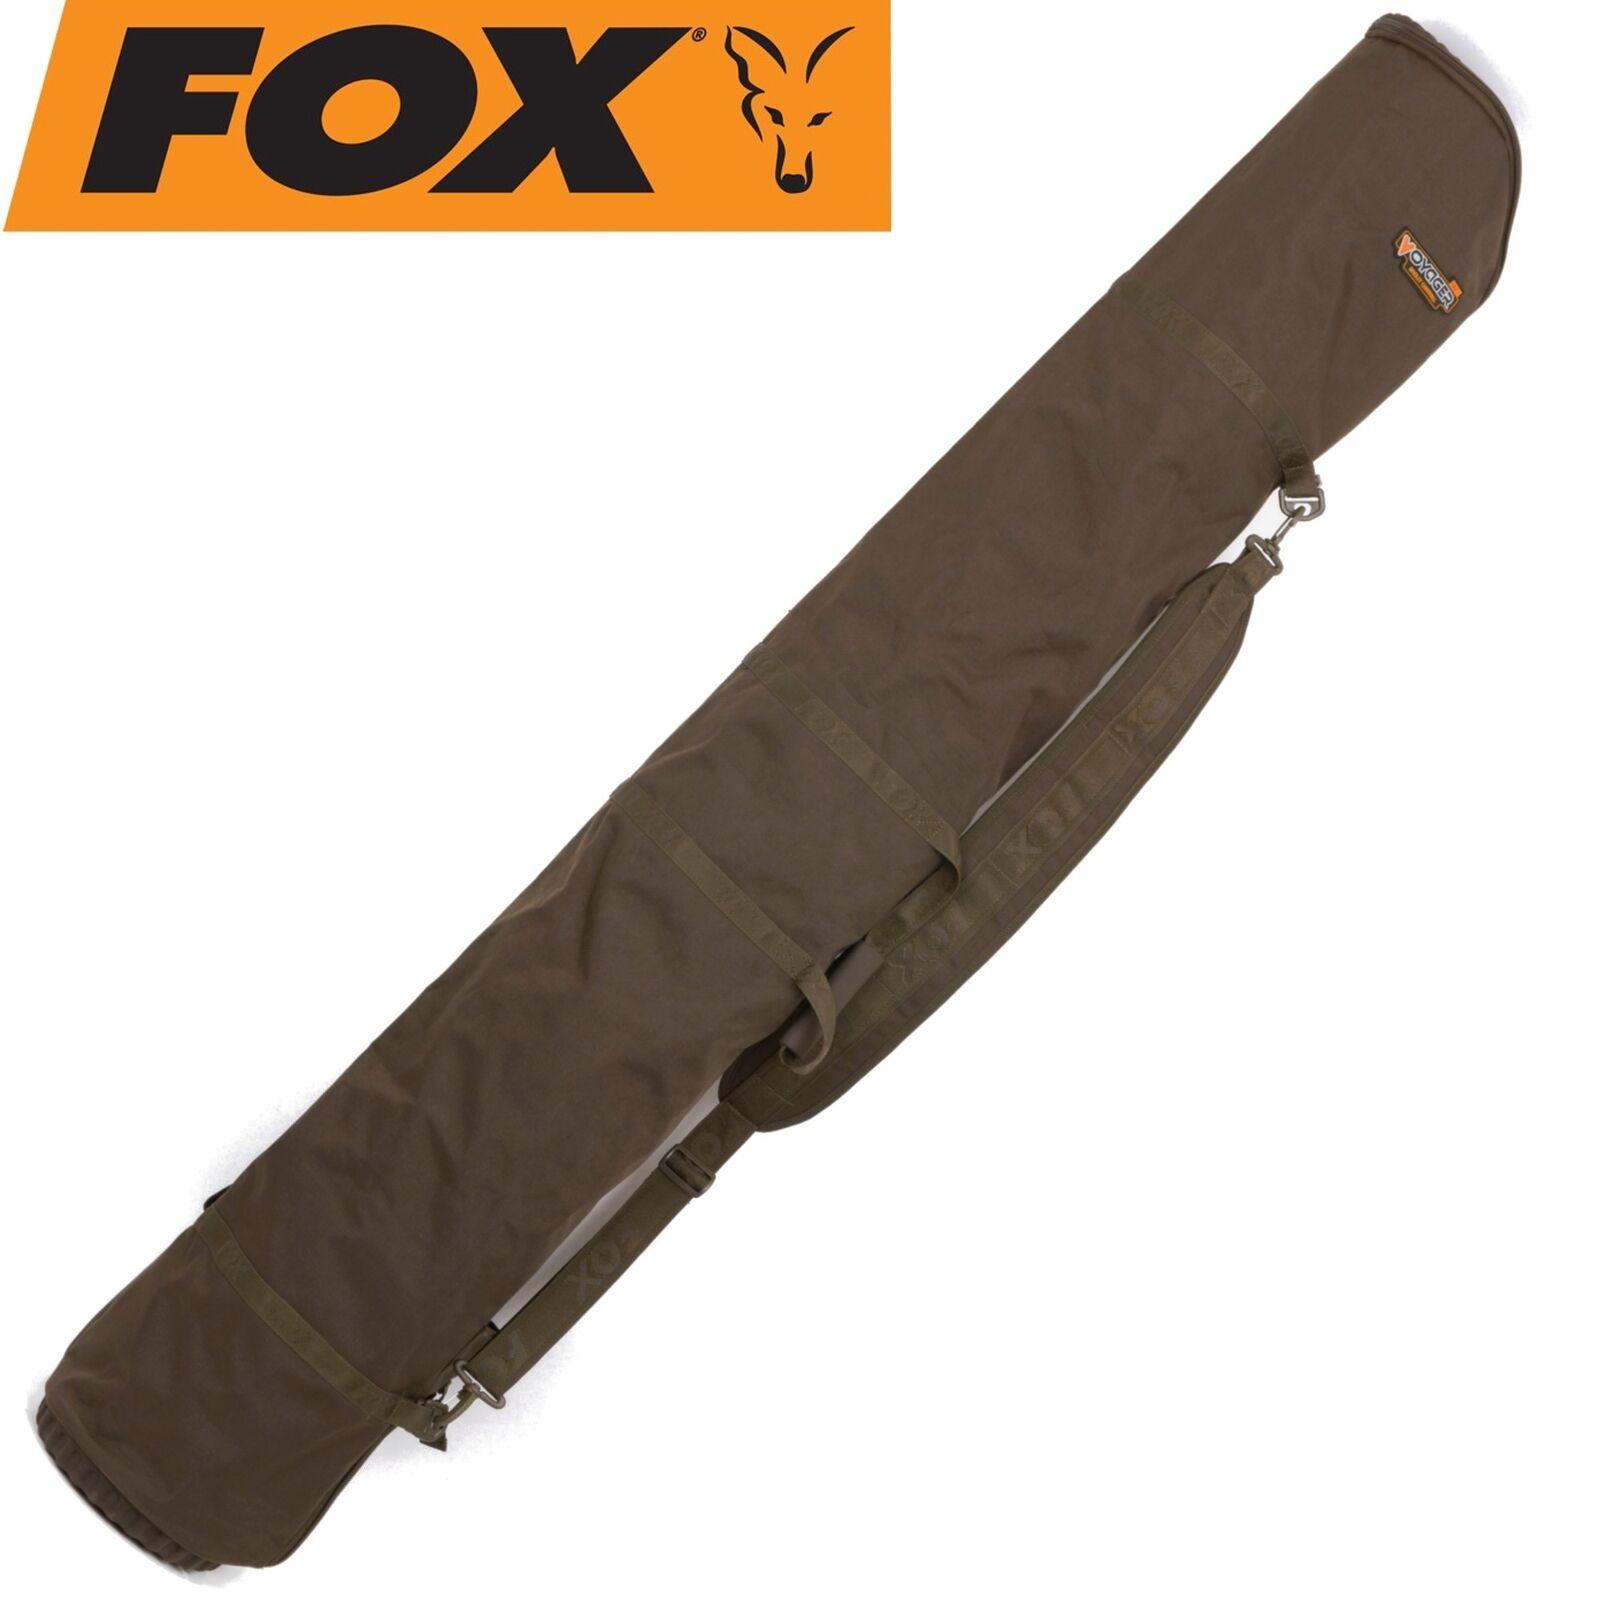 Fox Voyager 197x20cm brolly carryall 197x20cm Voyager - Schirmtasche für Angelschirm, Angeltasche e3cb8b